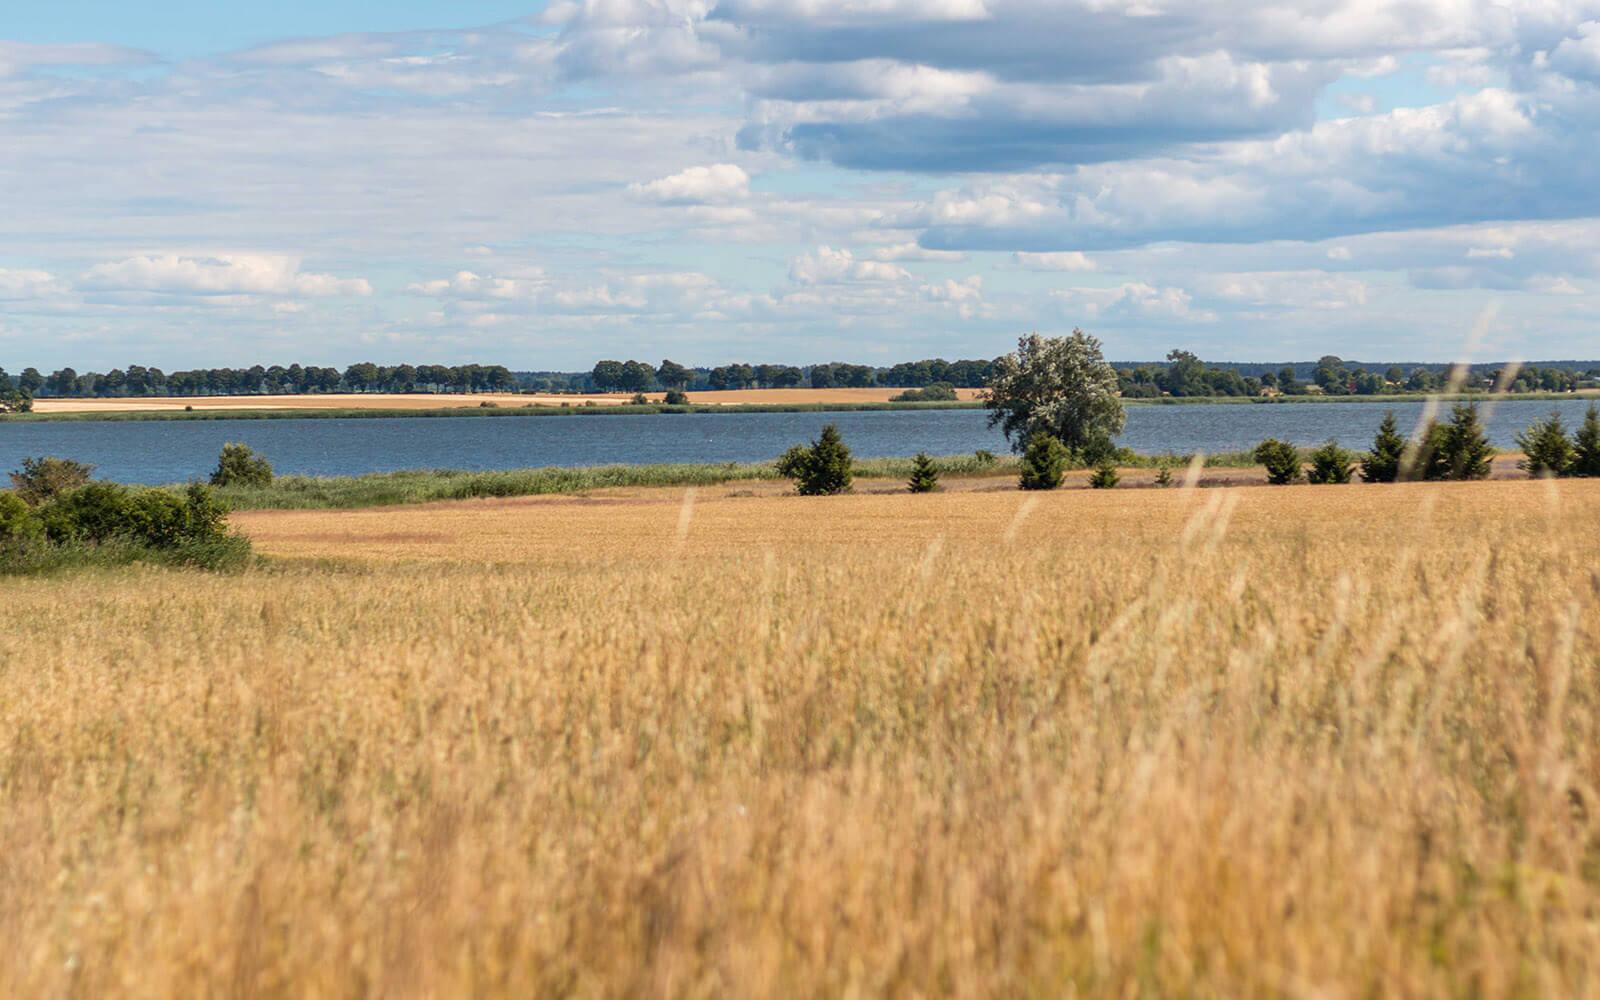 Krajobraz Wolina widziany zścieżki rowerowej